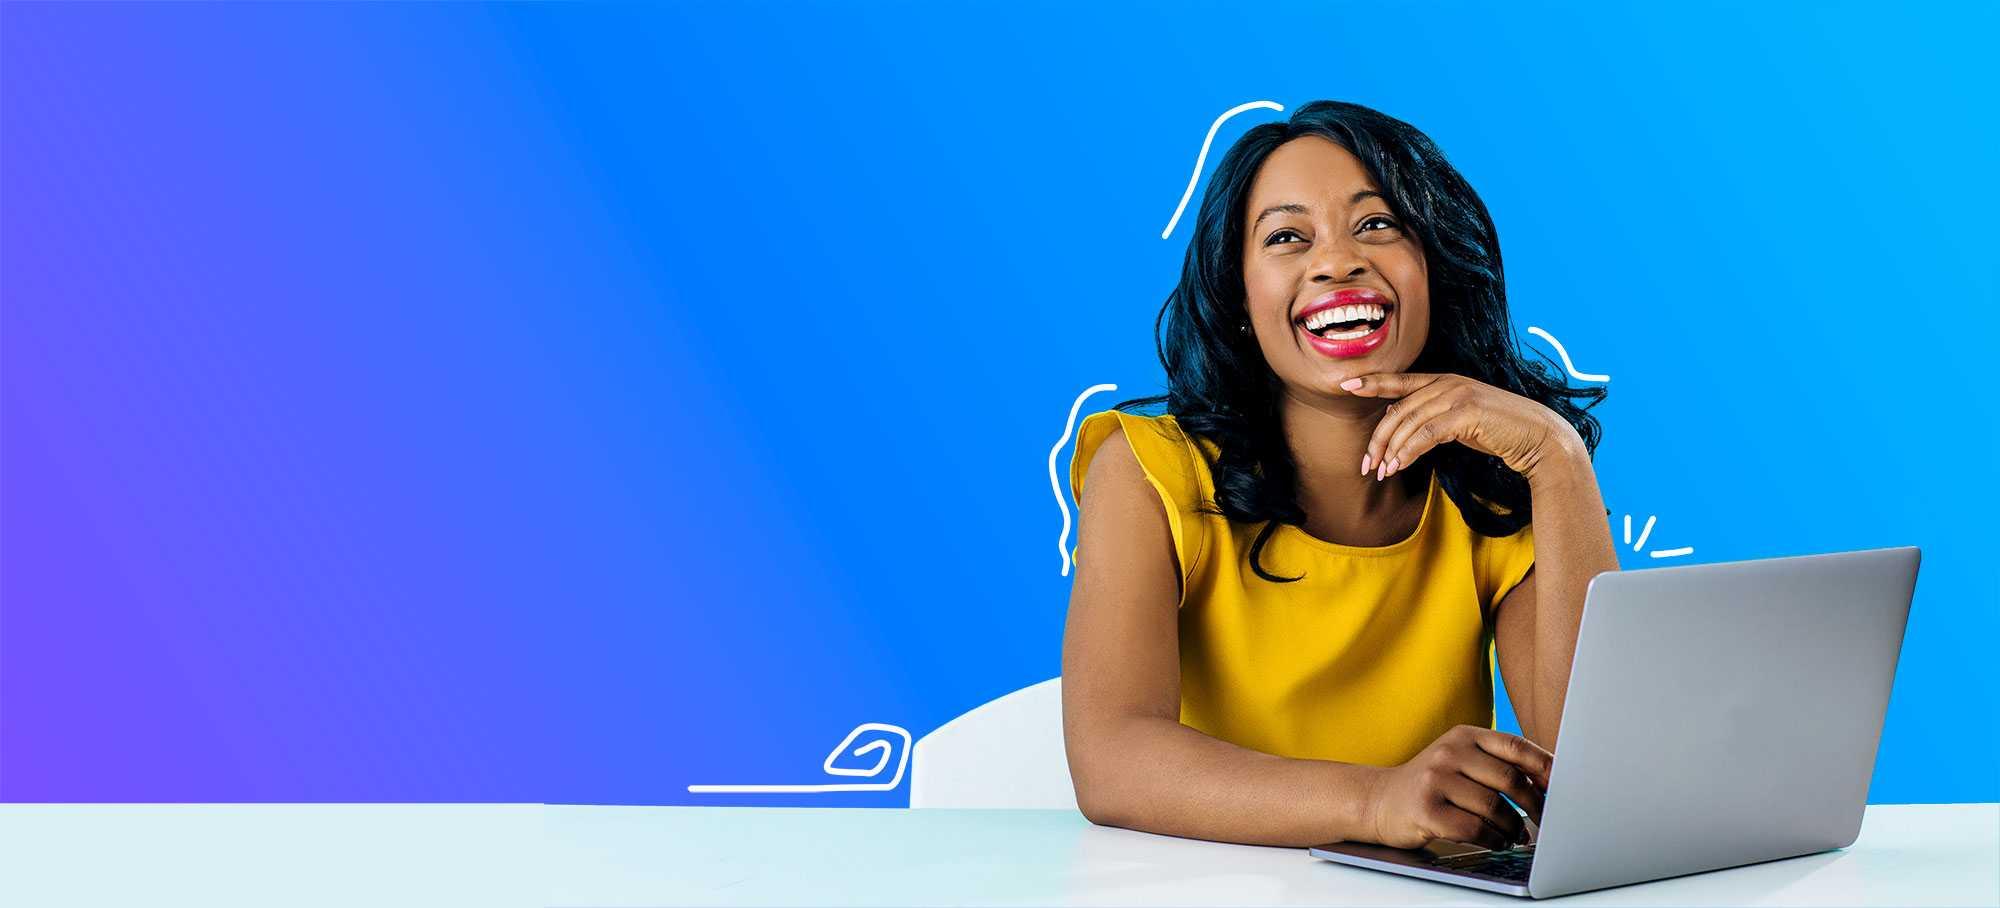 Black woman smiling using laptop